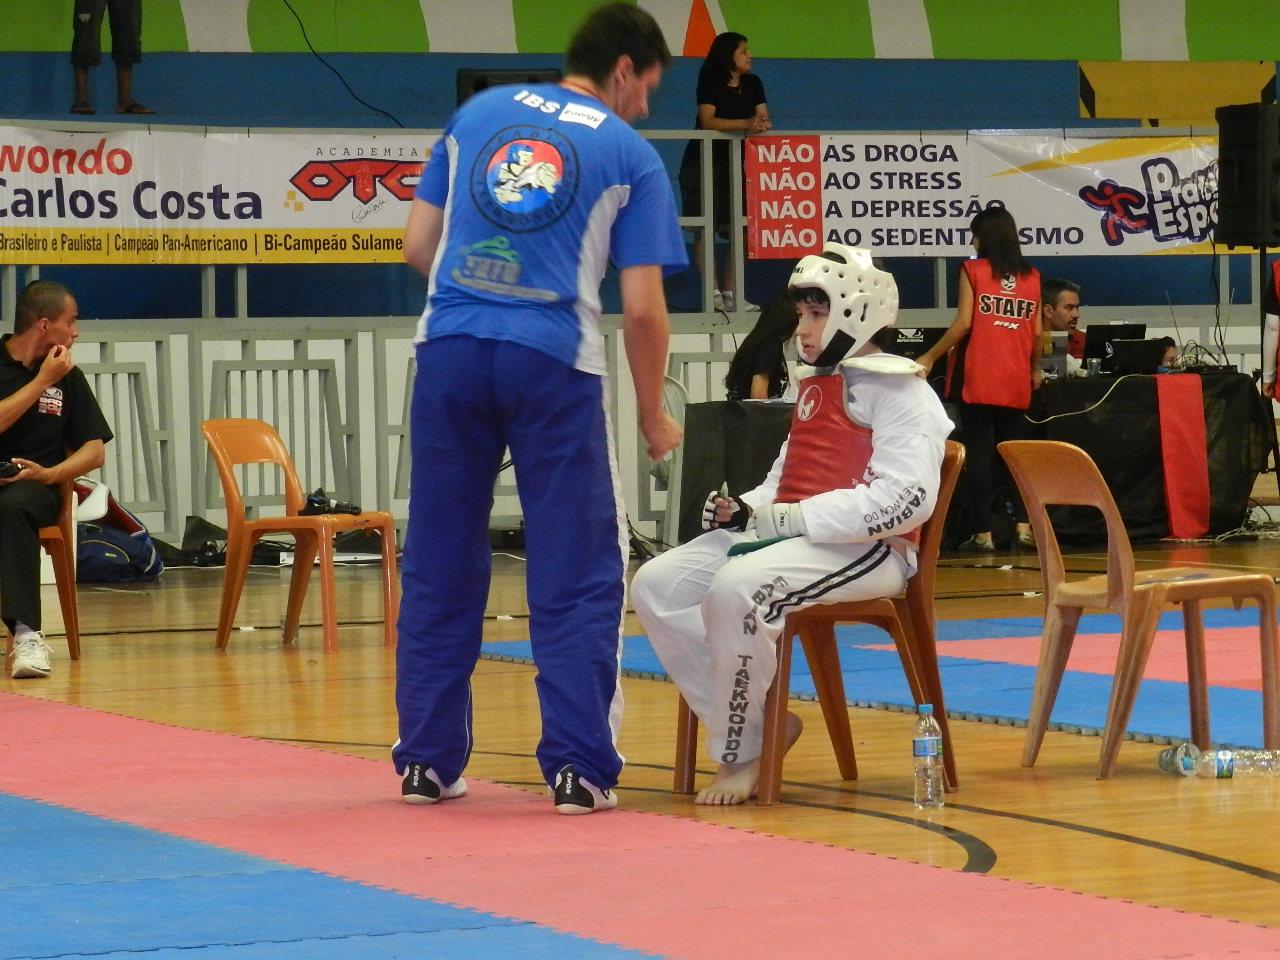 Taekwondo olimpico